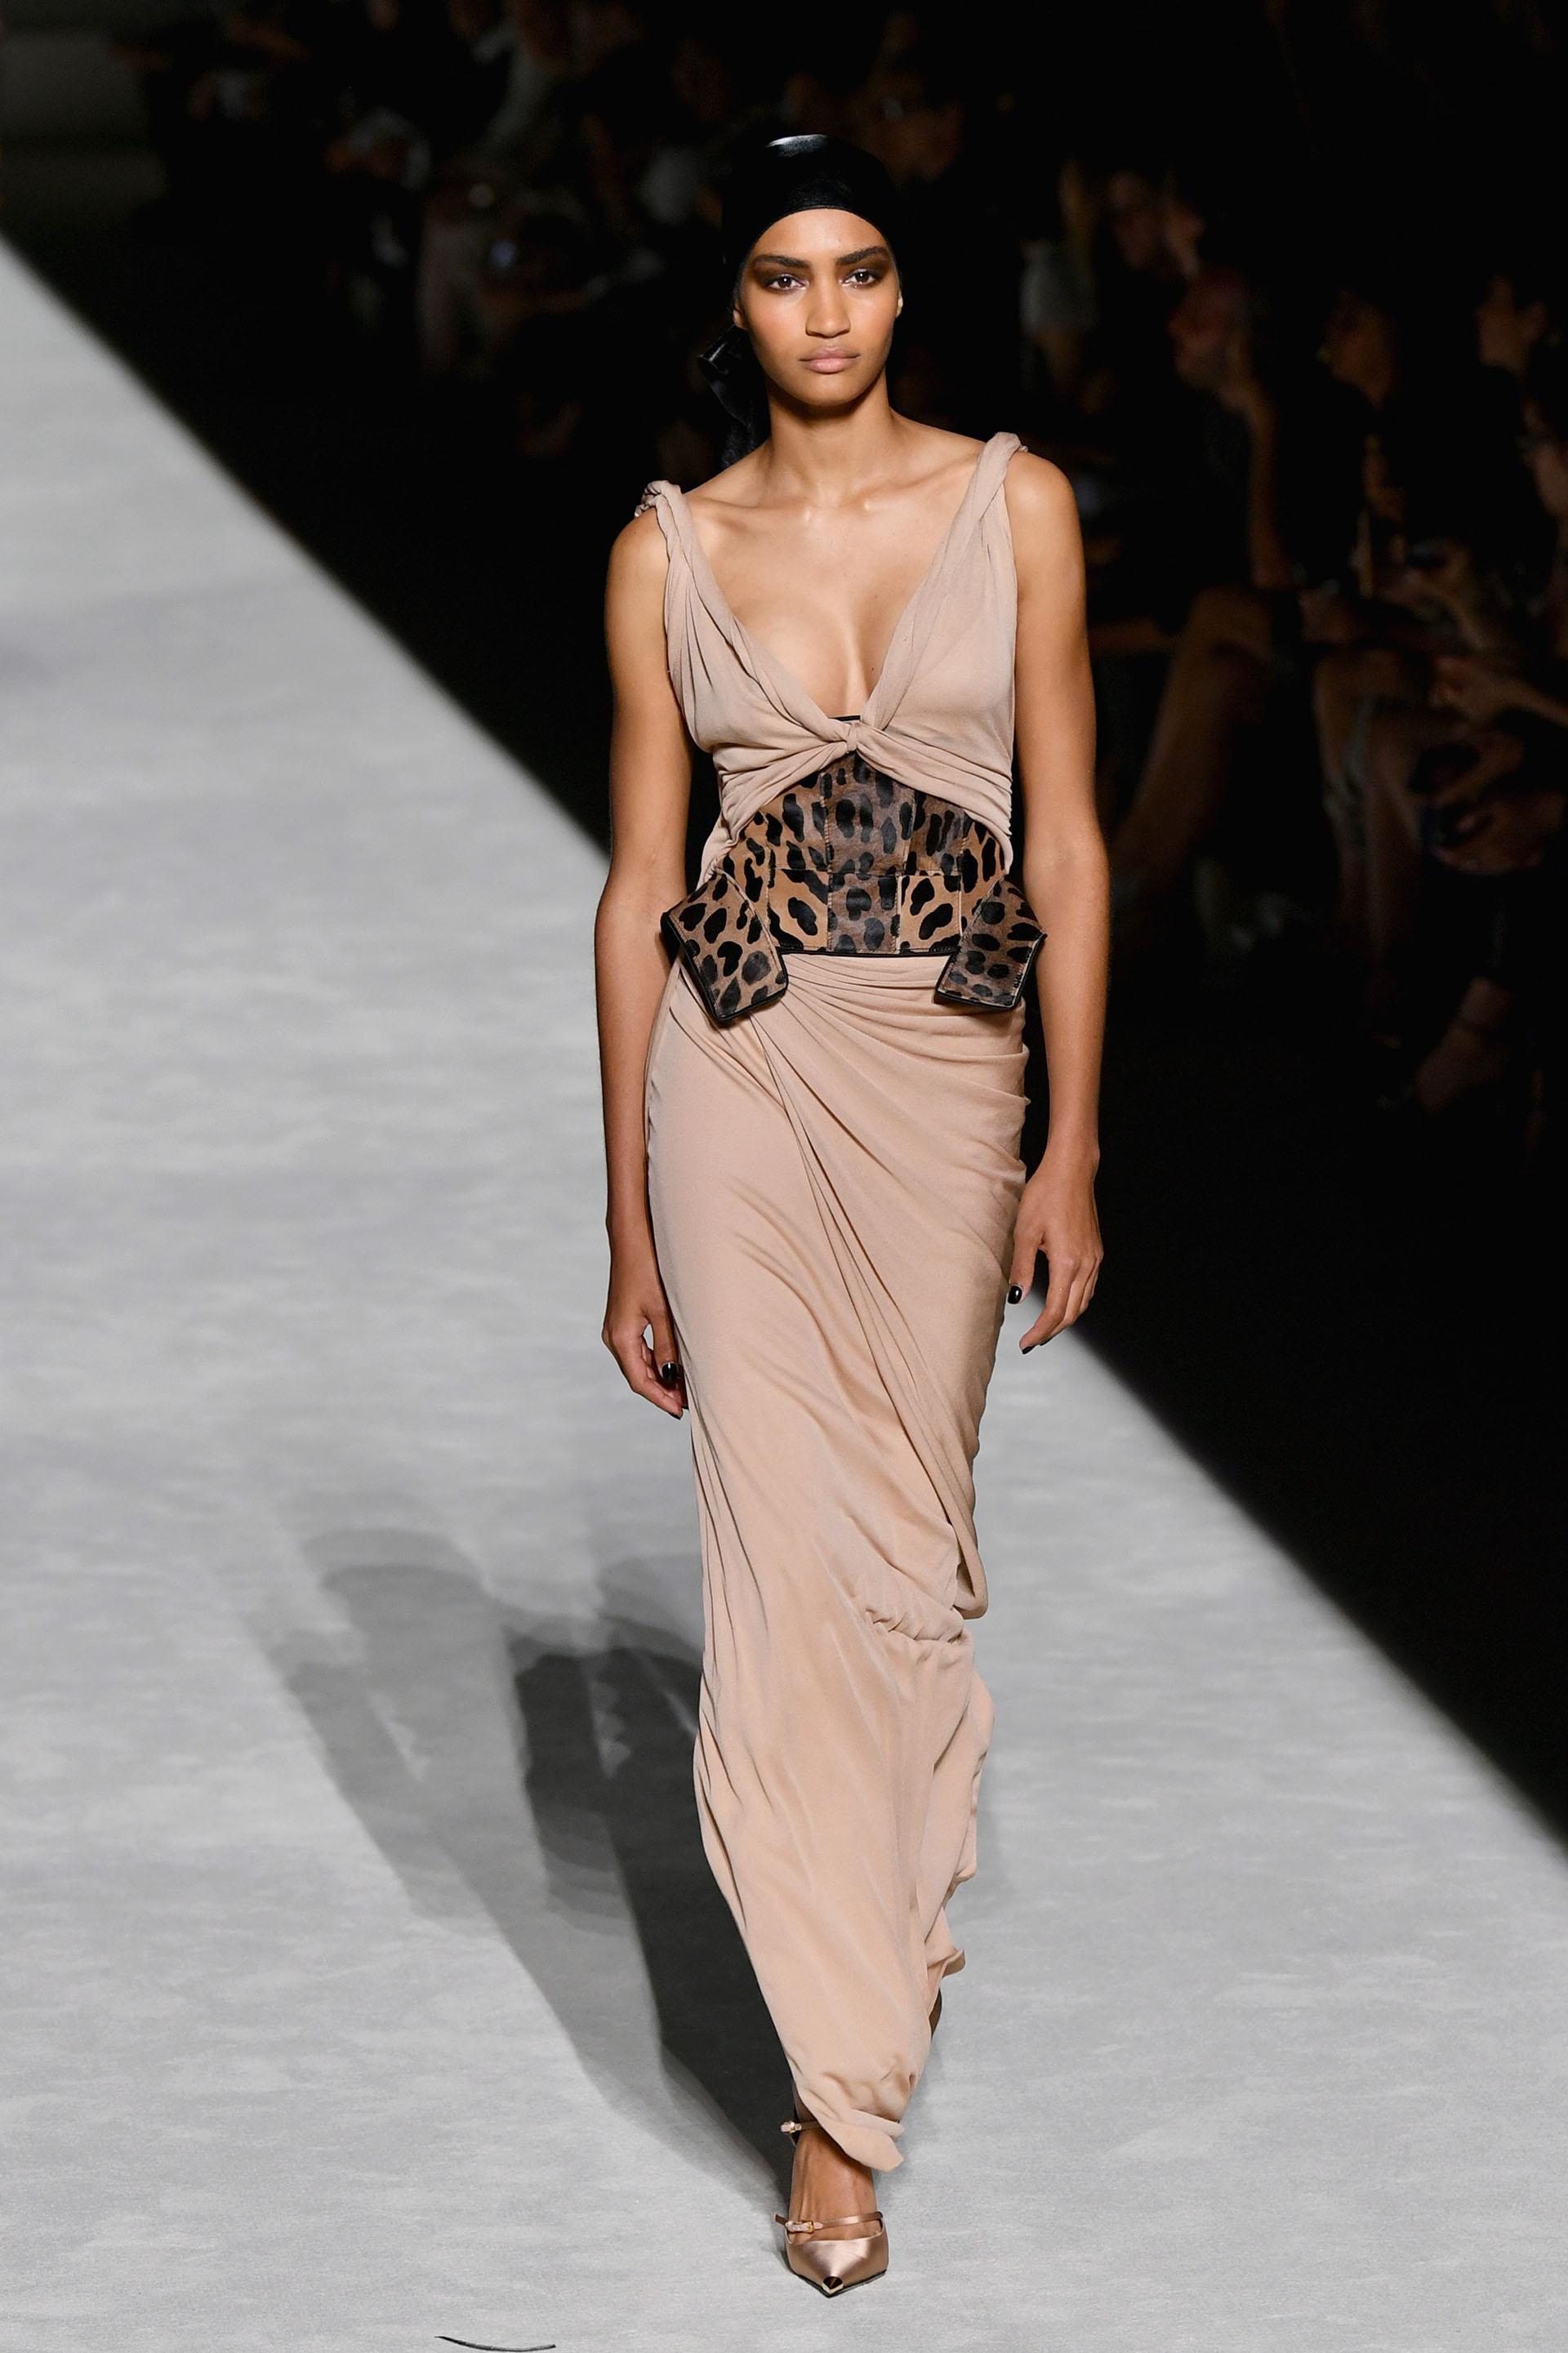 Park Avenue Armory fue el escenario elegido por Tom Ford para presentar la colección 2019. En pasarela, un diseño drapeado en nude escote V sin mangas con faja de cuero de animal print de leopardo.